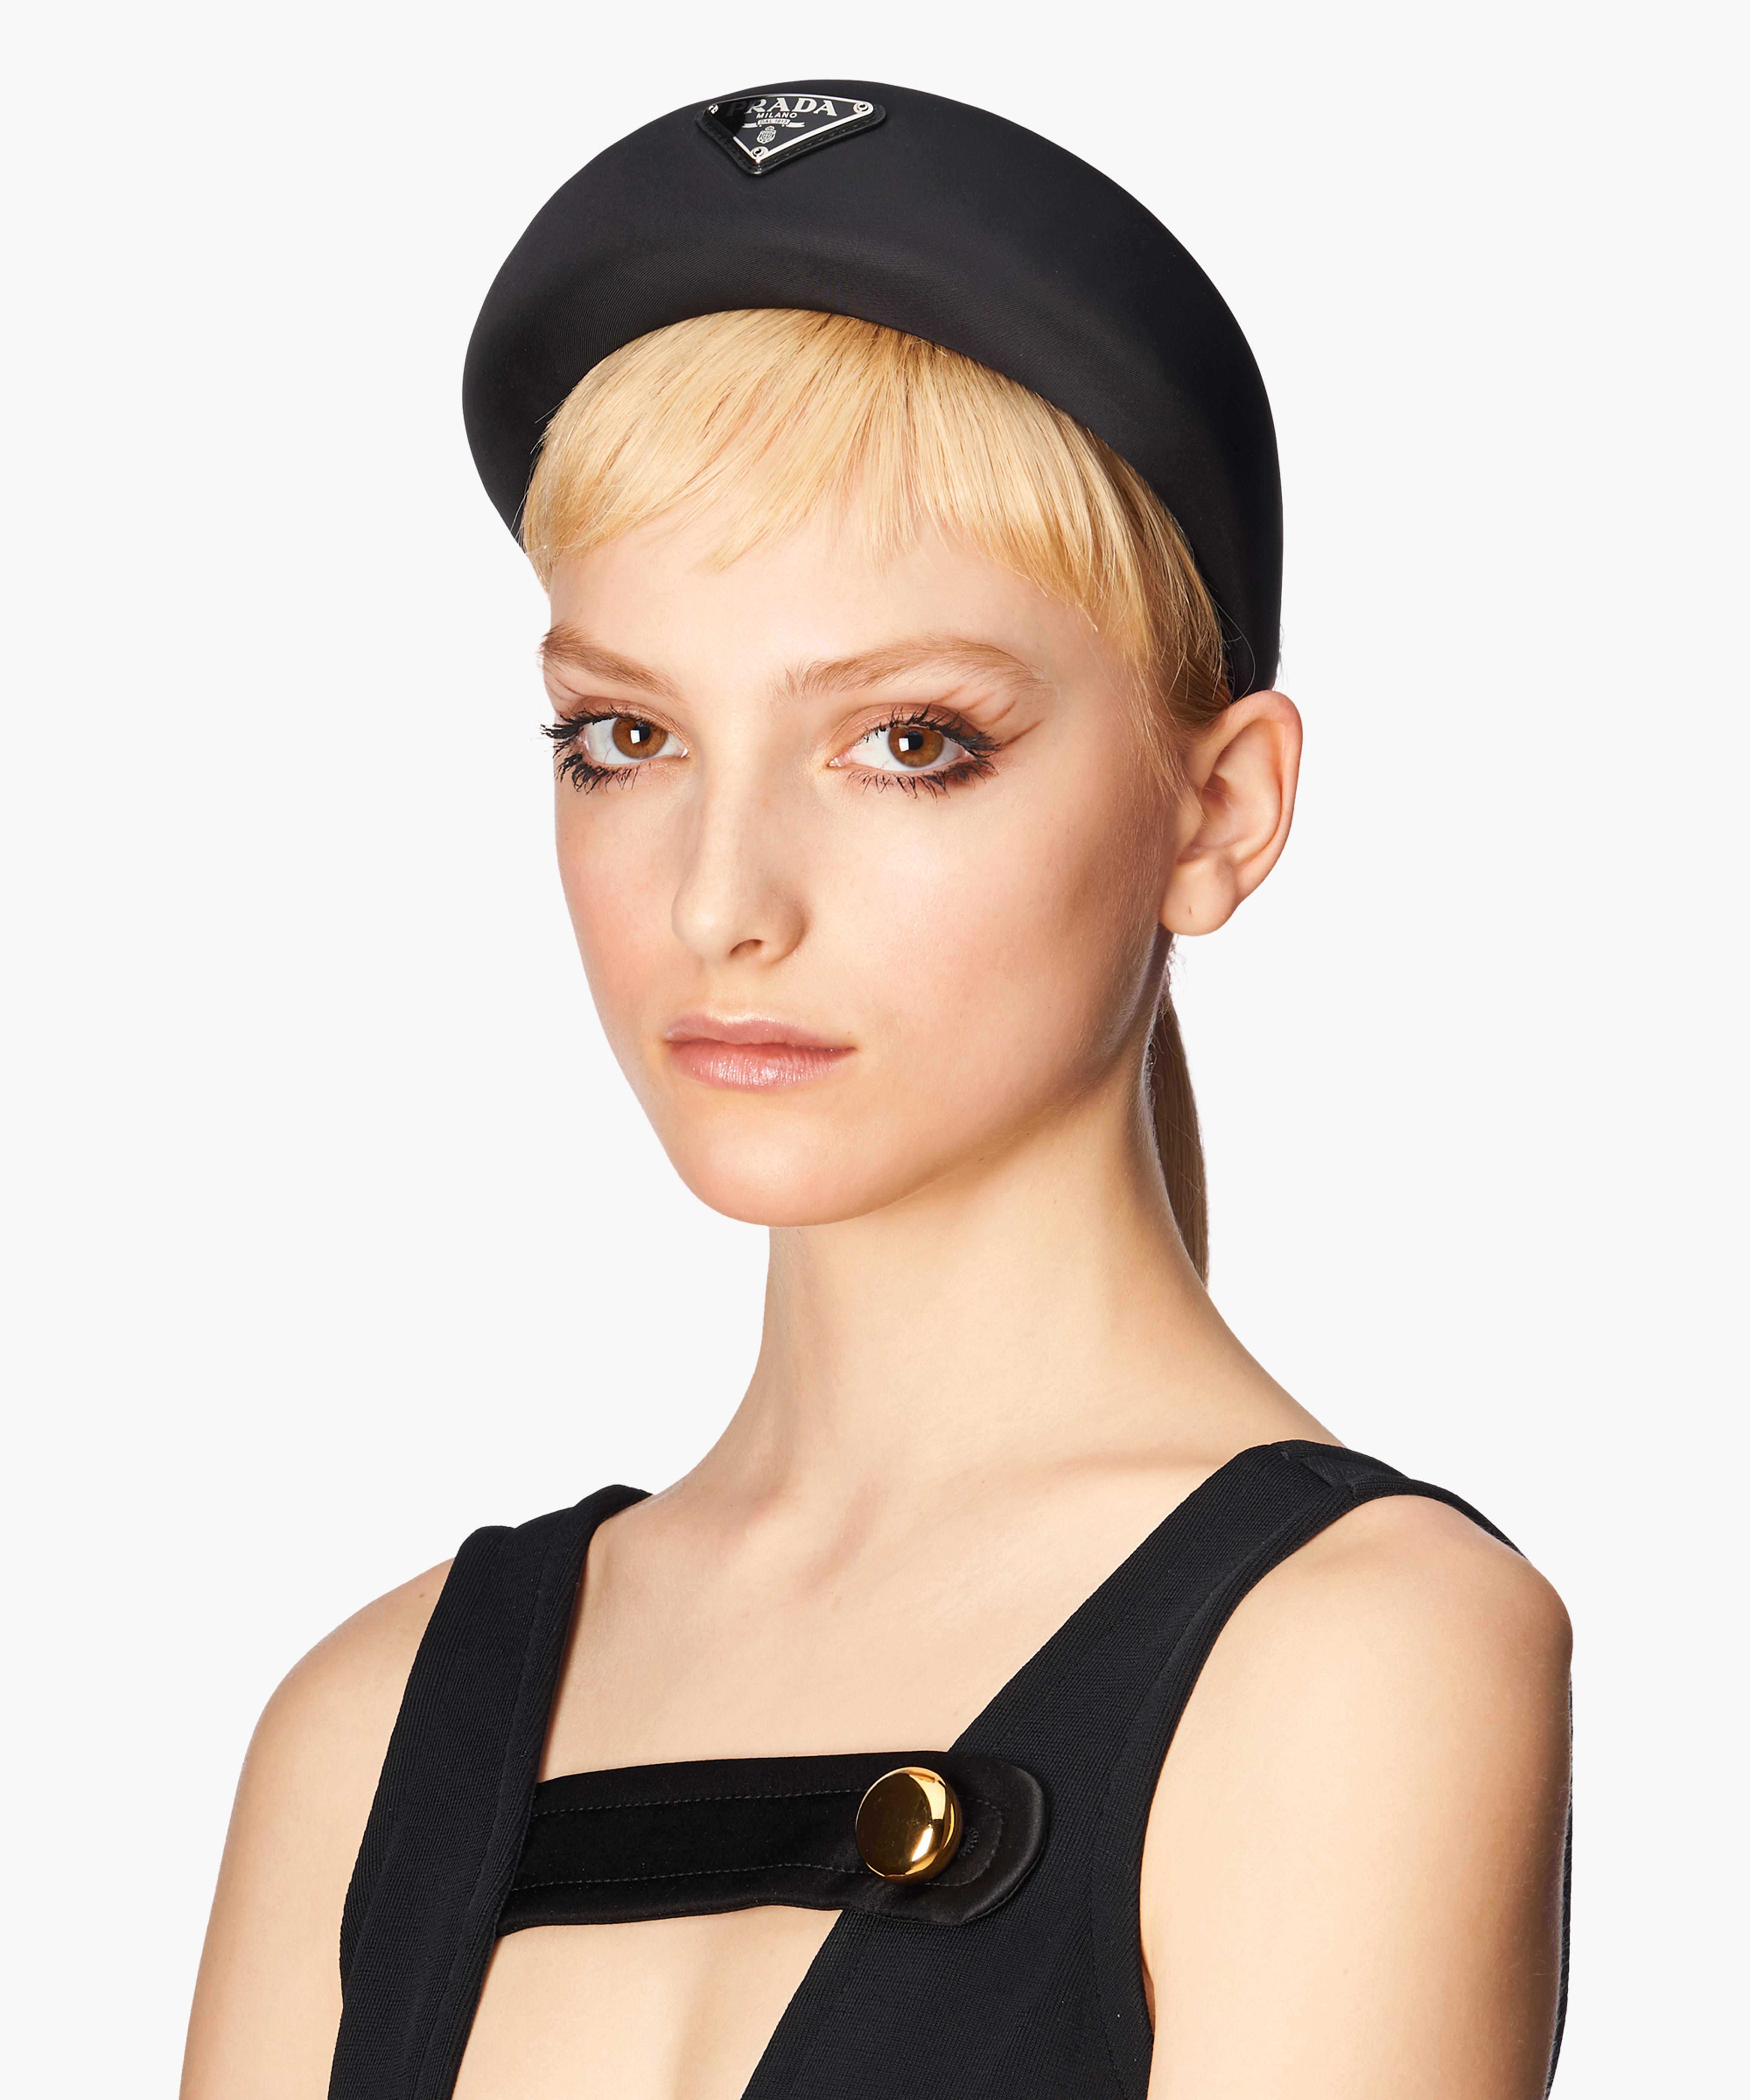 Osciluje mezi podobou čelenky a malého kloboučku.